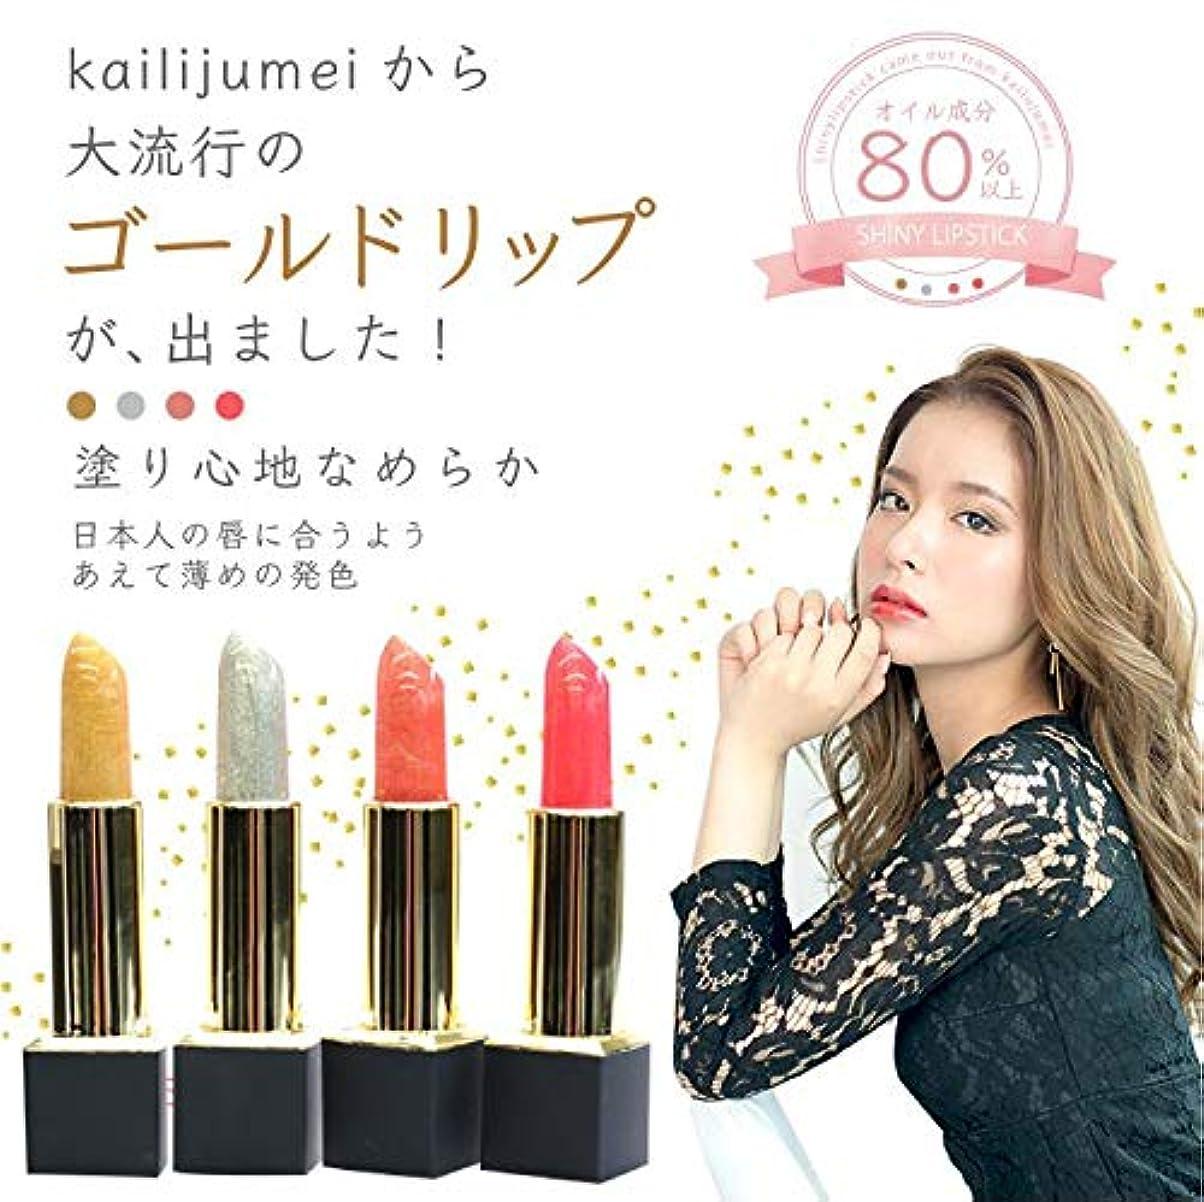 Kailijumei シャイニーリップ ひと塗りでゴージャスな唇へ ゴールドリップ 口紅 (ヌーディオレンジ)